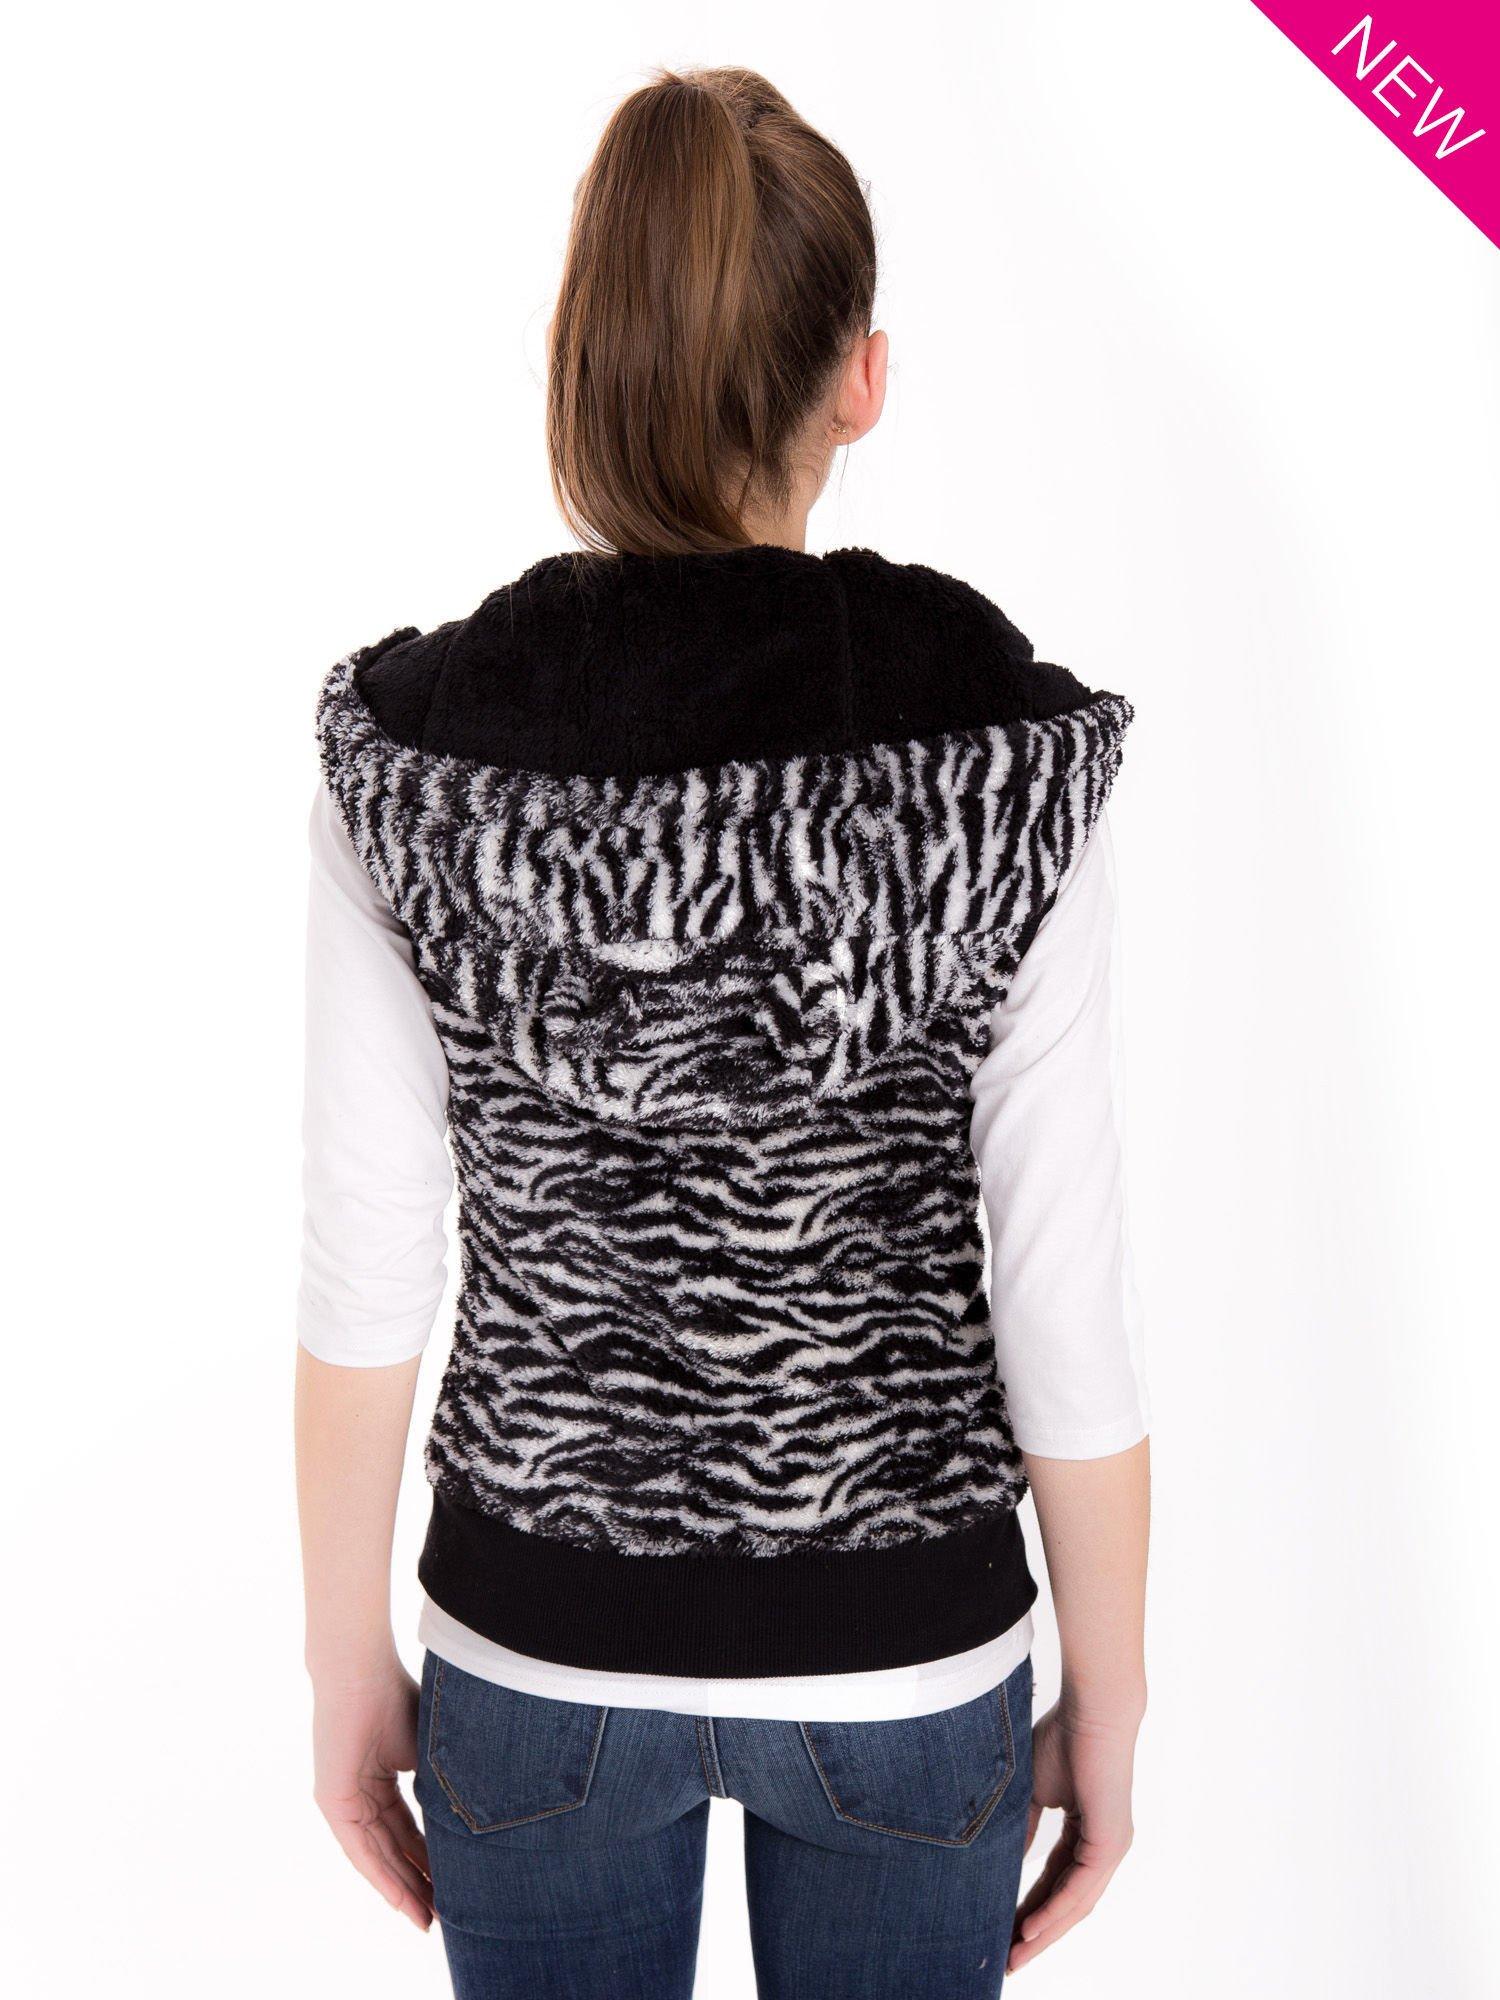 Biało-czarna kamizelka w tygrysie cętki z kapturem z uszkami                                   zdj.                                  2